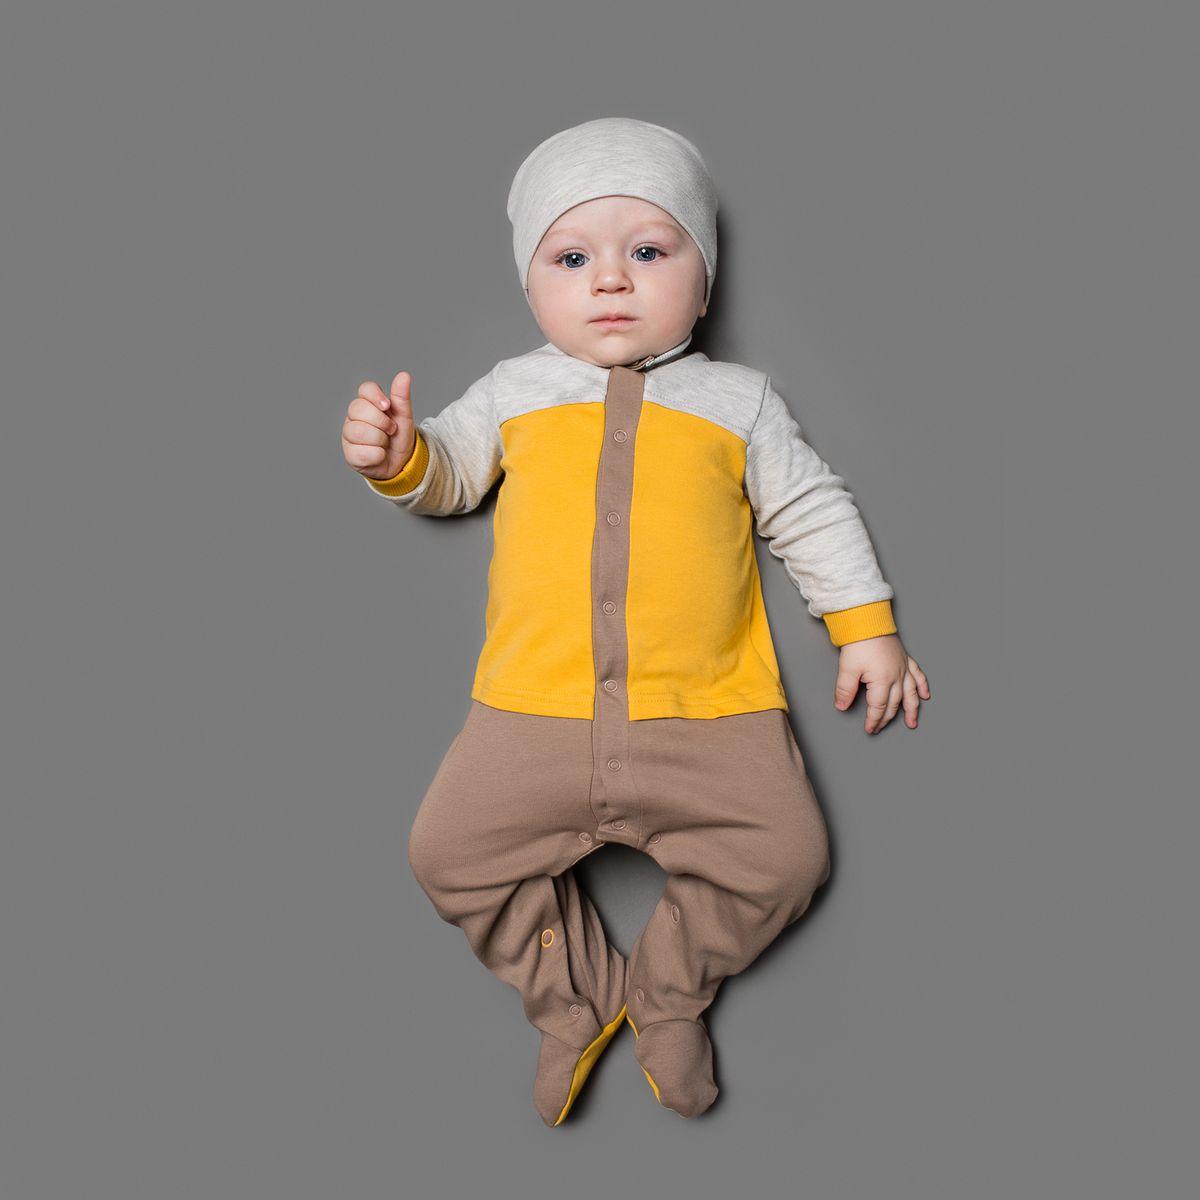 22-248Комбинезон Ёмаё, изготовленный из интерлока - очень удобный и практичный вид одежды для малышей. Комбинезон с воротником-стойкой и закрытыми ножками застегивается кнопками посередине и на ластовице. Рукава дополнены широкими эластичными манжетами, не пережимающими ручку. Отделка верхней части изделия придает эффект 2в1 - кофточка, ползунки. Комбинезон полностью соответствует особенностям жизни младенца в ранний период, не стесняя и не ограничивая его в движениях!